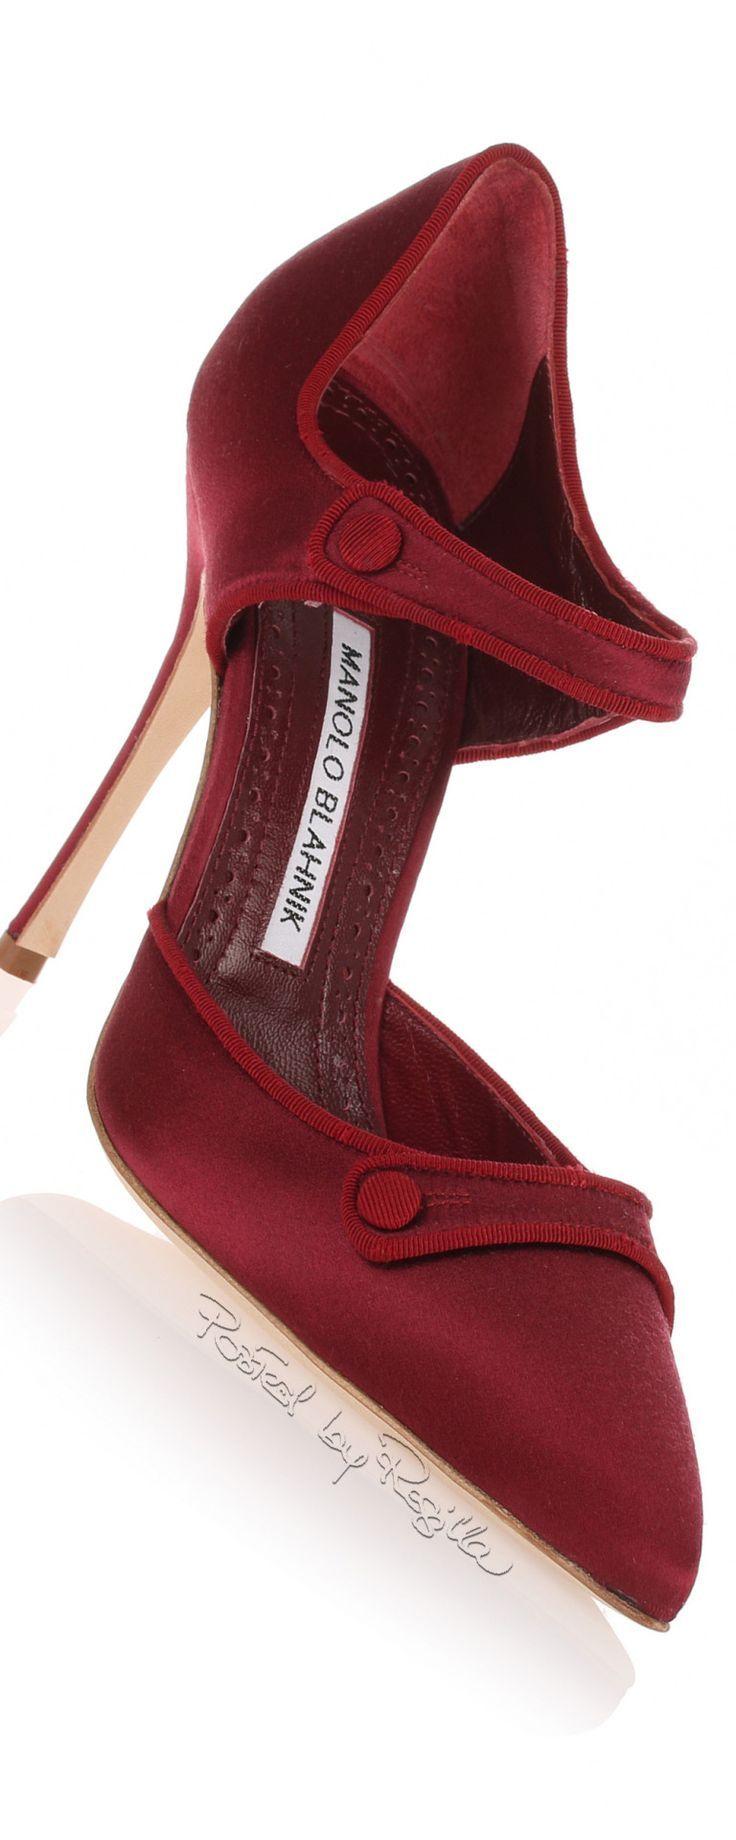 Regilla ⚜ Manolo                                                                                                                                                                                 More                                                                                                                                                                                 More - womens shoes online shopping, wide womens shoes, cheap womens dress shoes